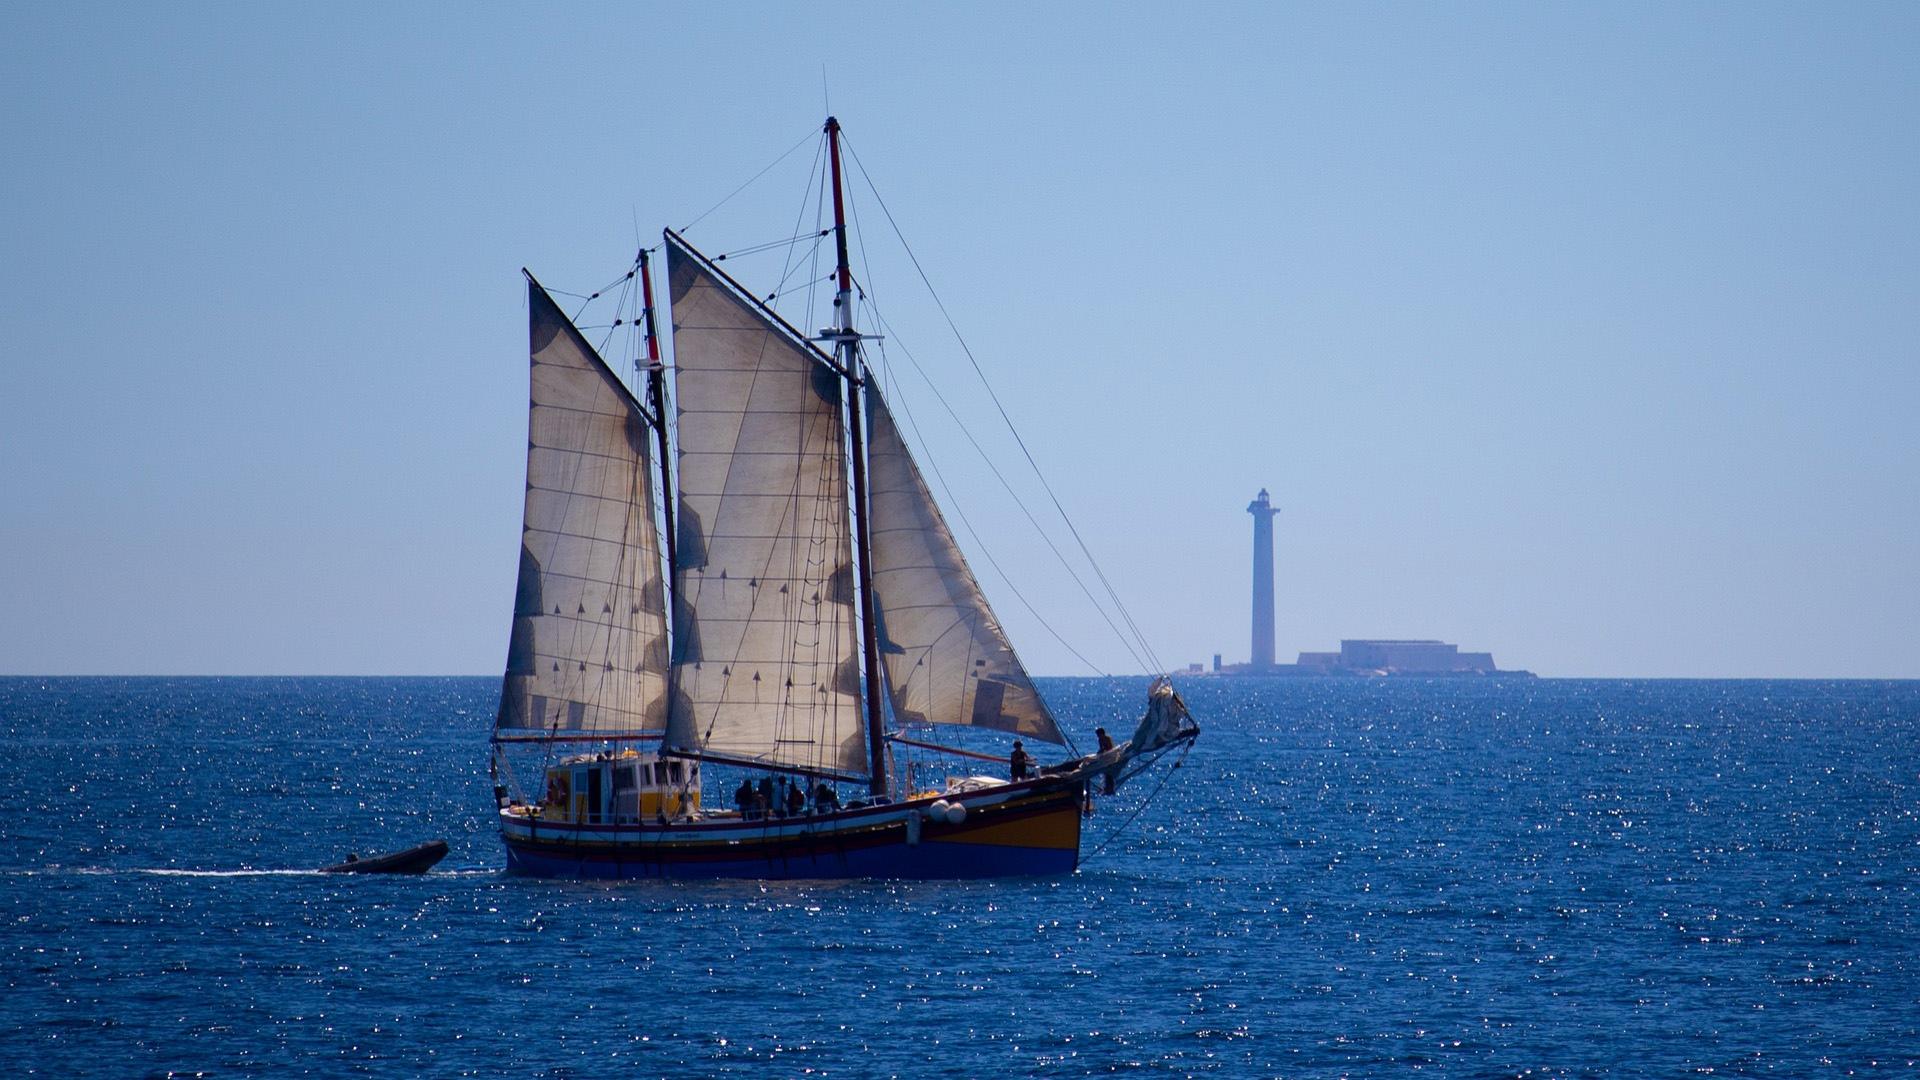 海上航行的帆船壁纸图片